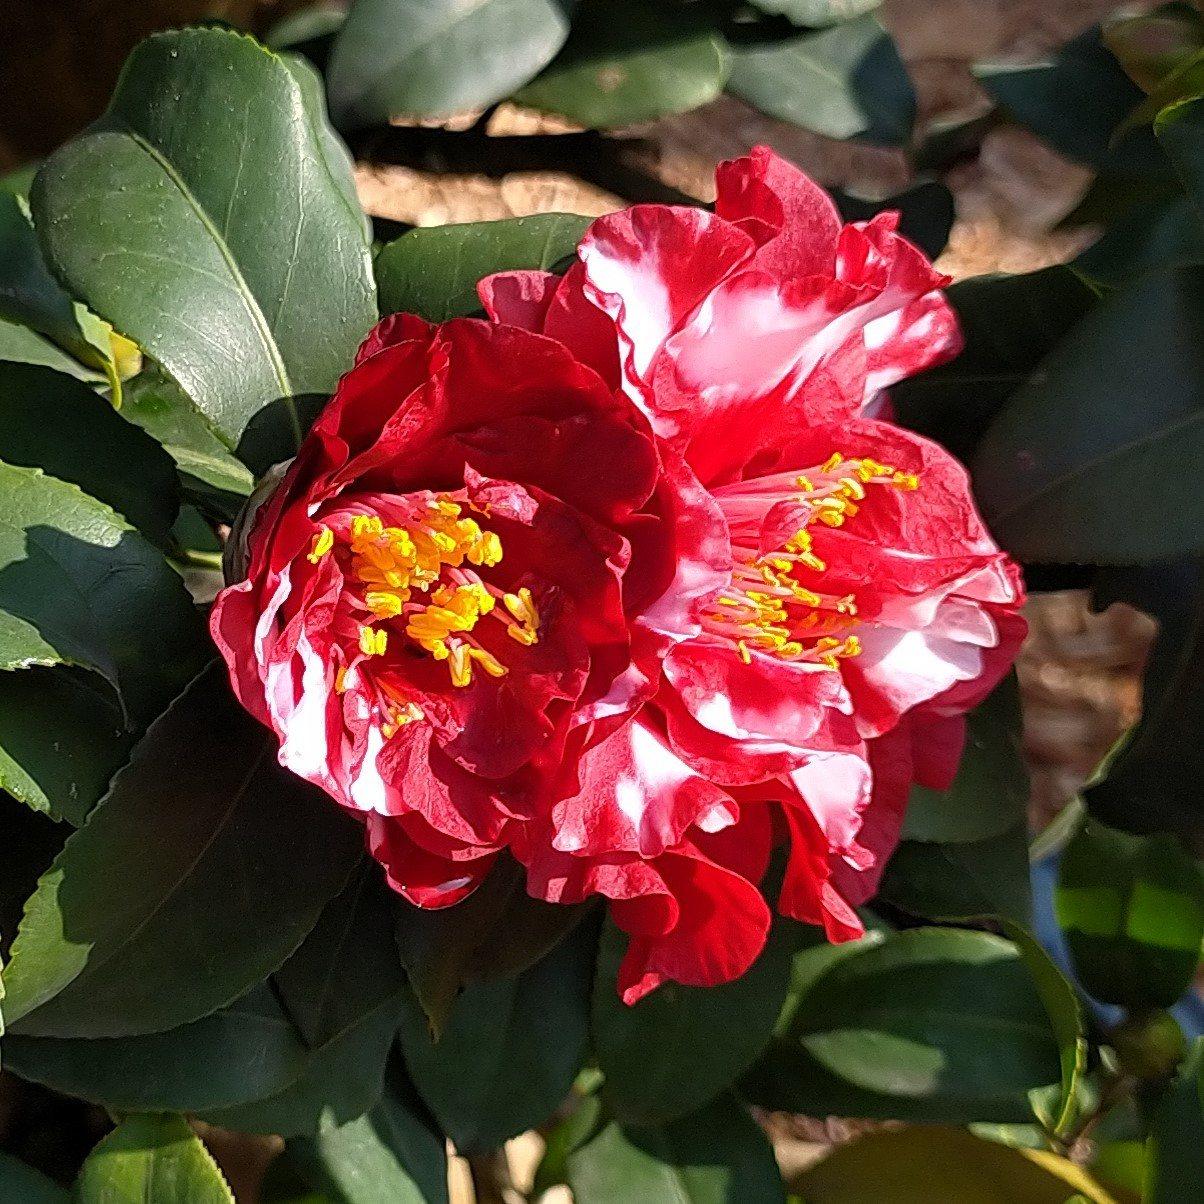 茶花顏色似乎不再侷限於紅、白、粉色。 圖/沈正柔 提供